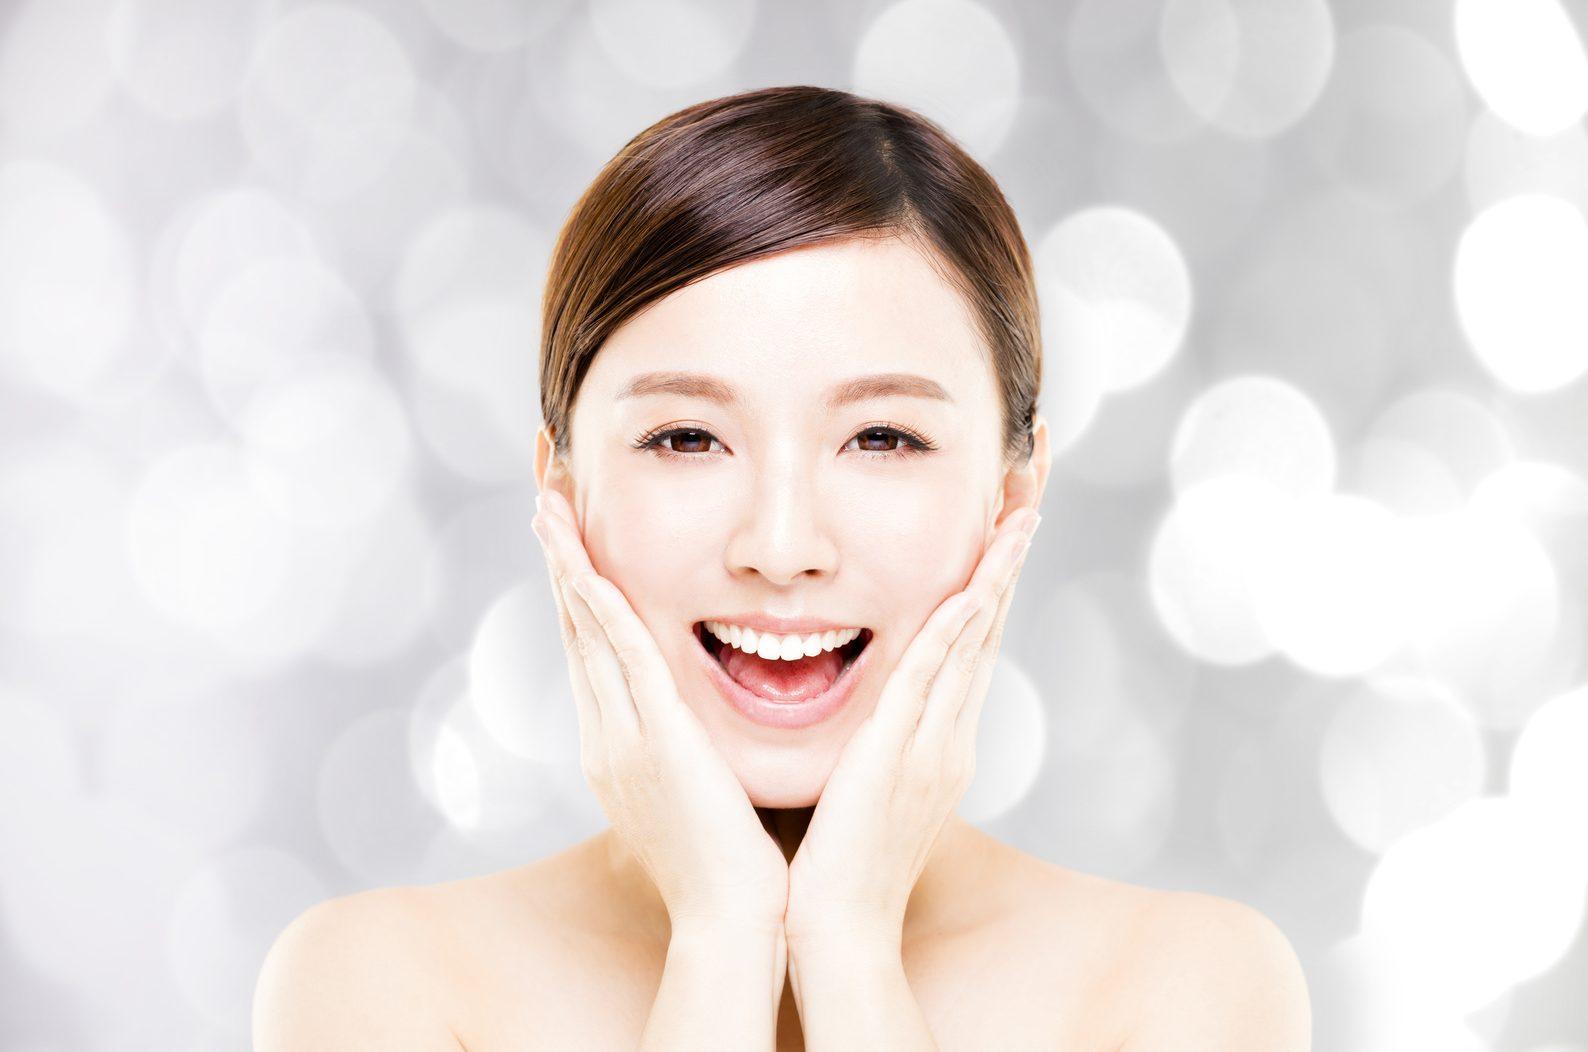 インナードライ肌を治す方法